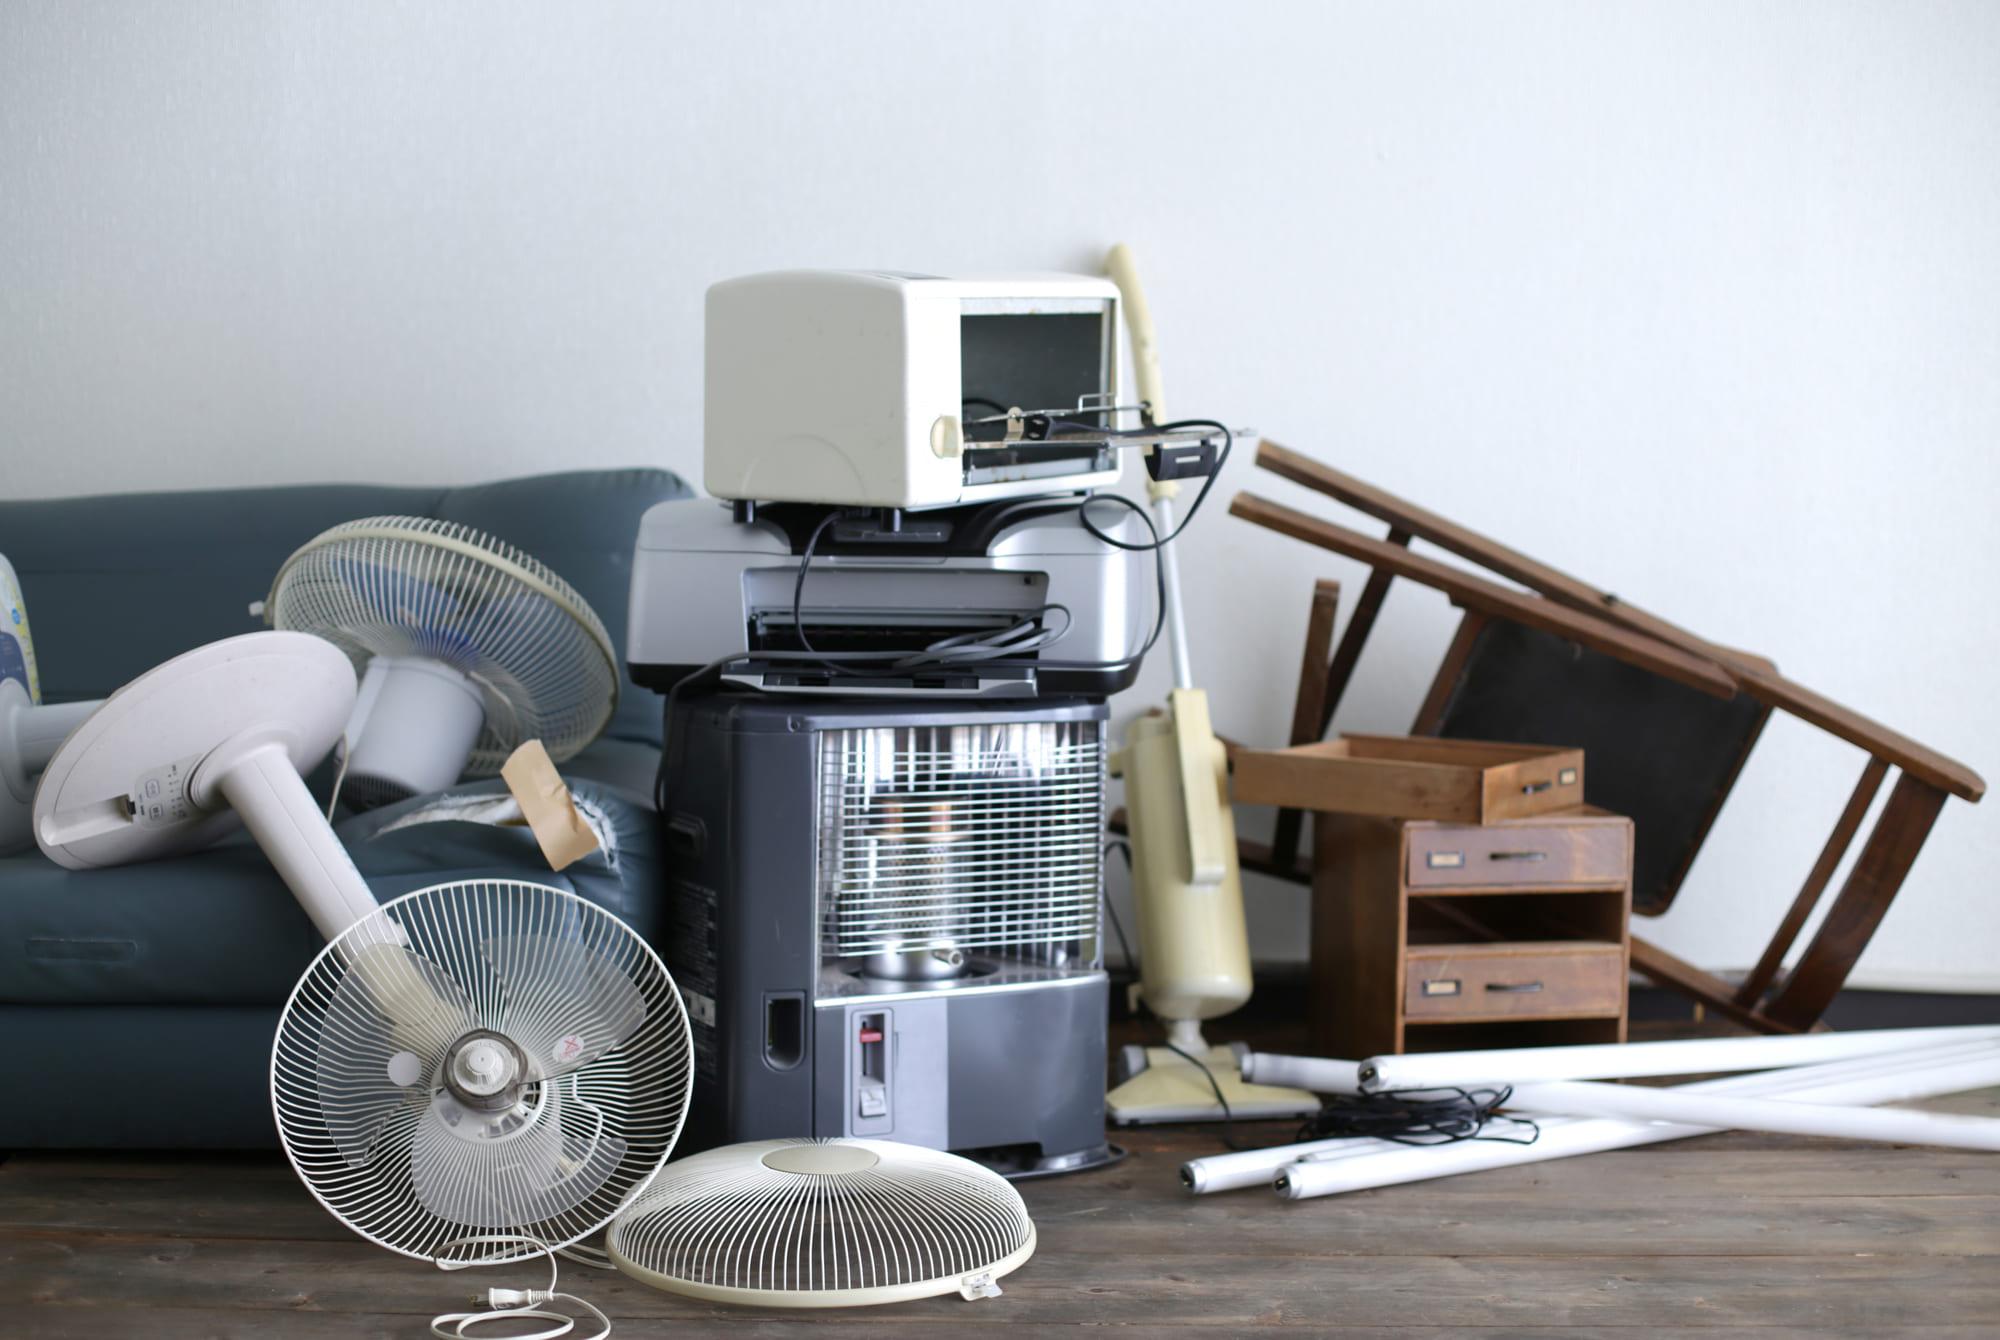 めちゃ安!まさかのゴミ置き場不法投棄問題解決方法教えます。